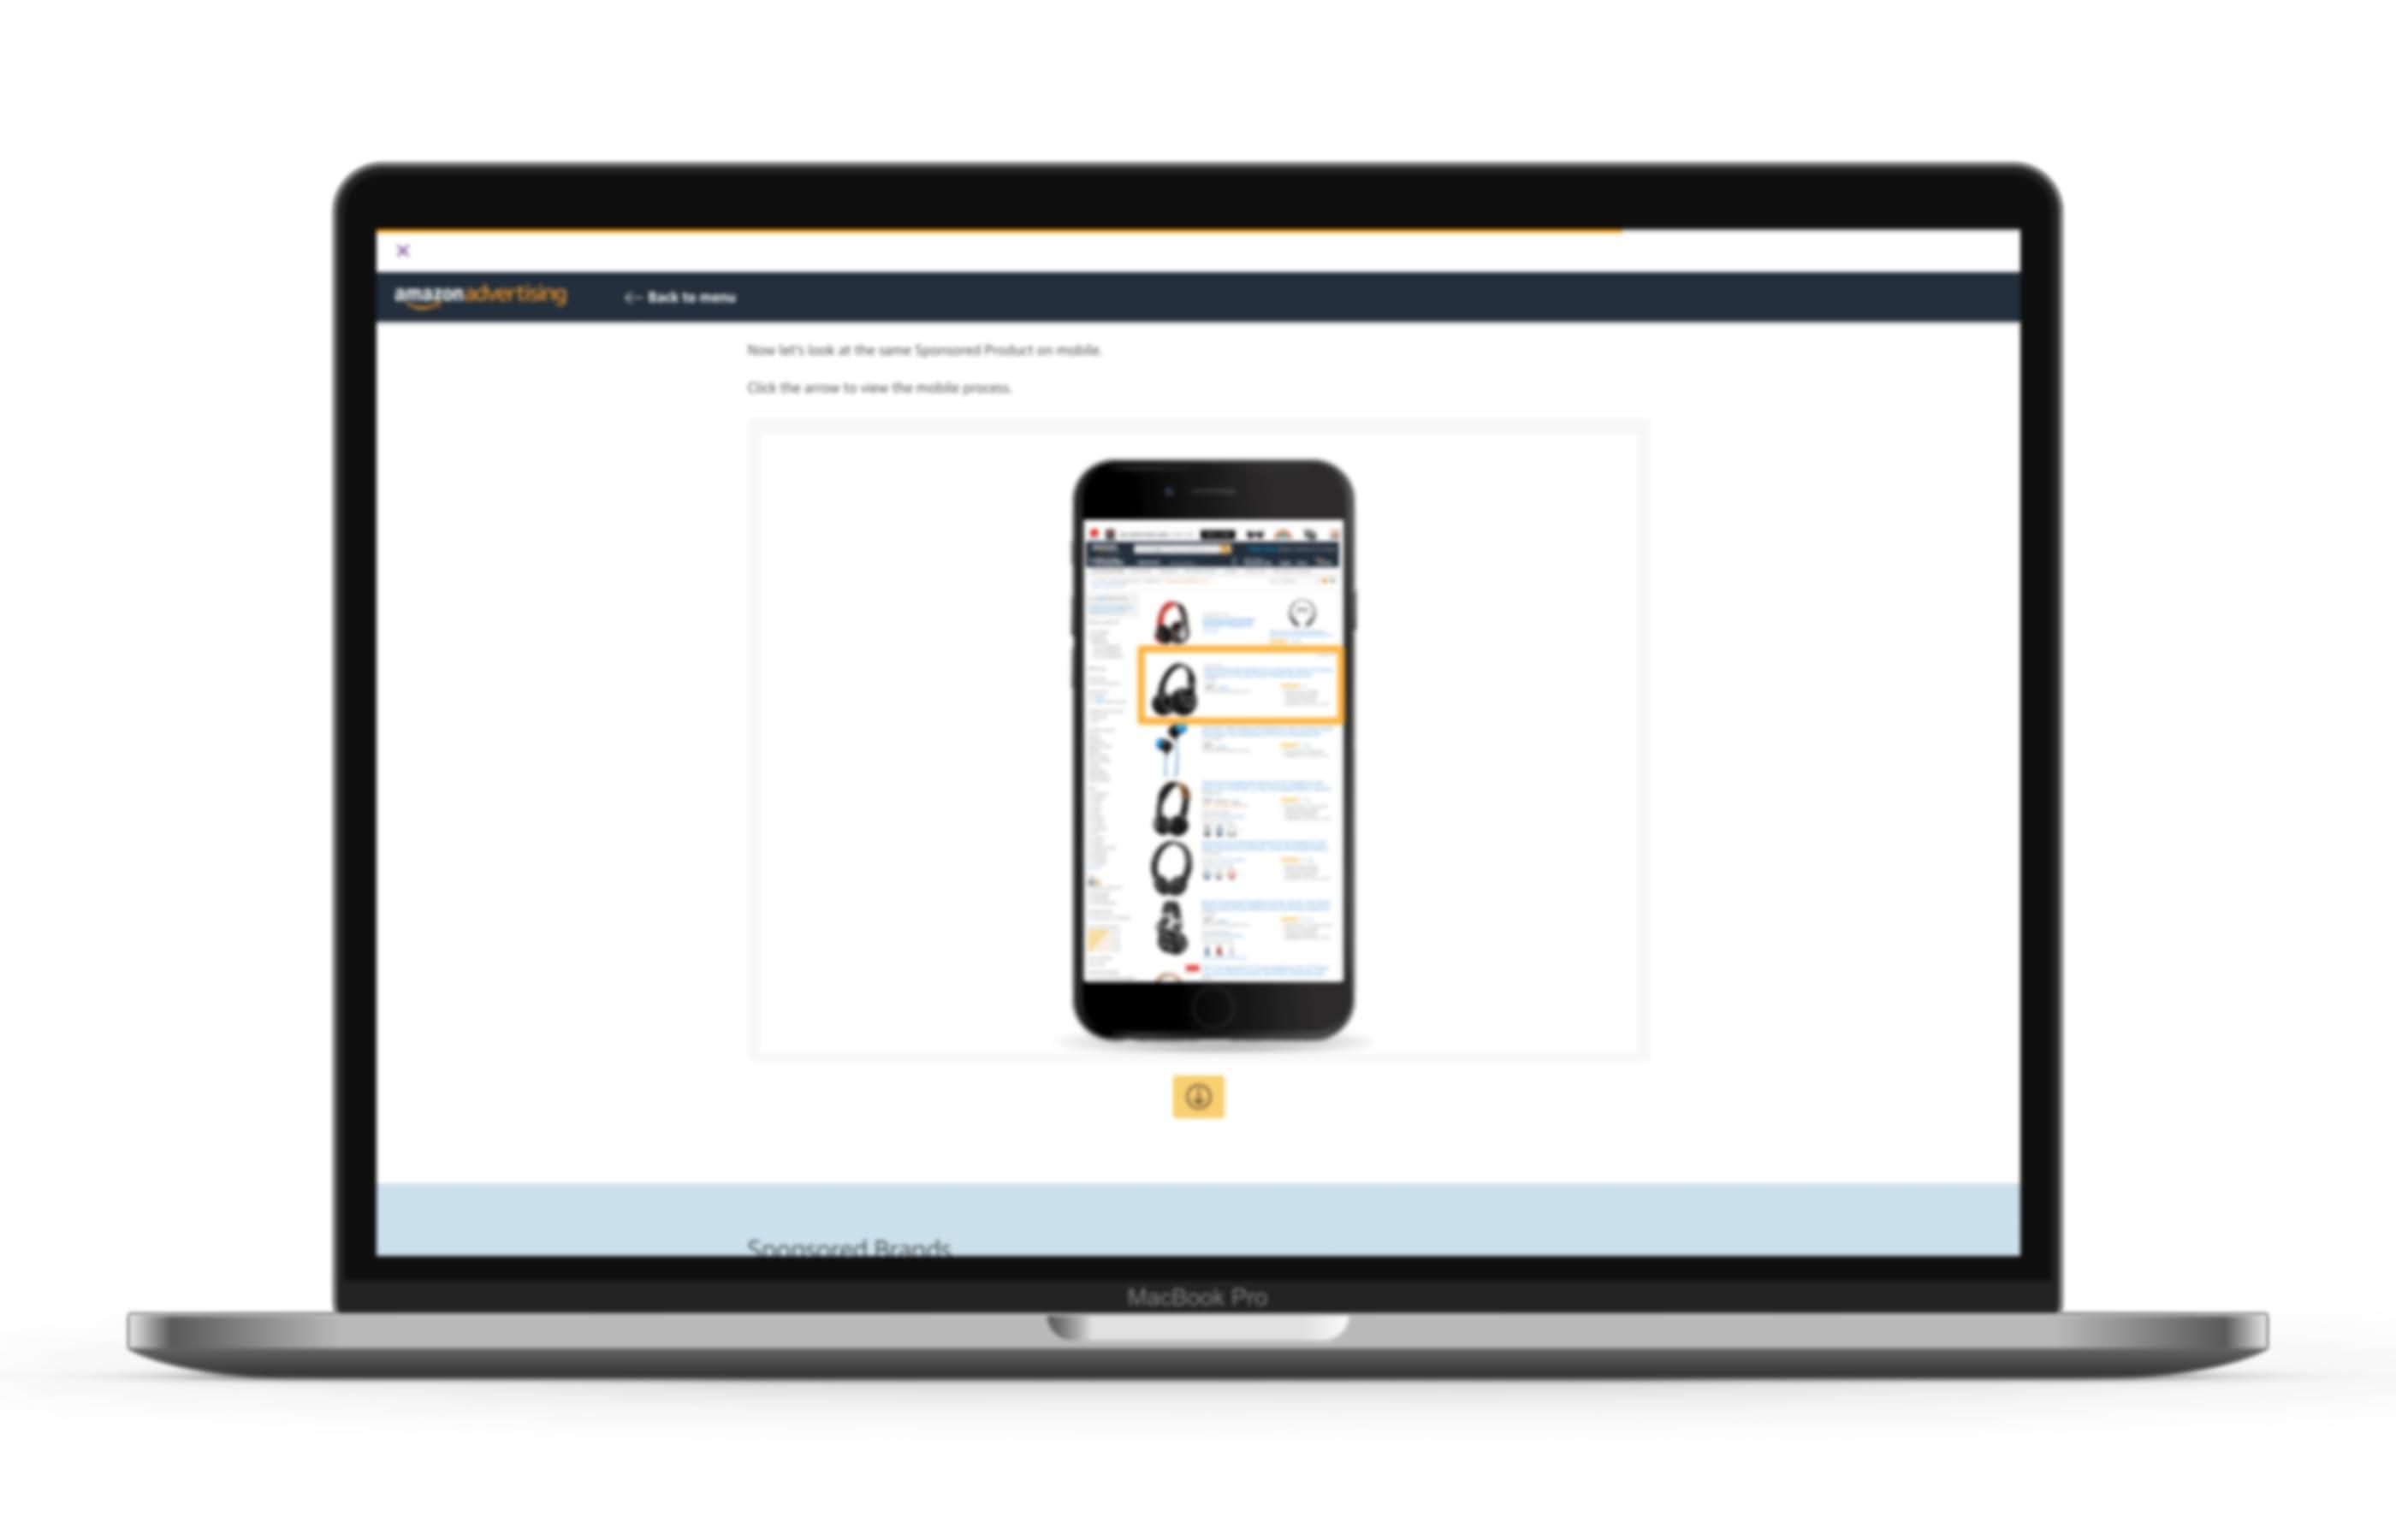 Pc portatile che mostra una pagina della console di apprendimento